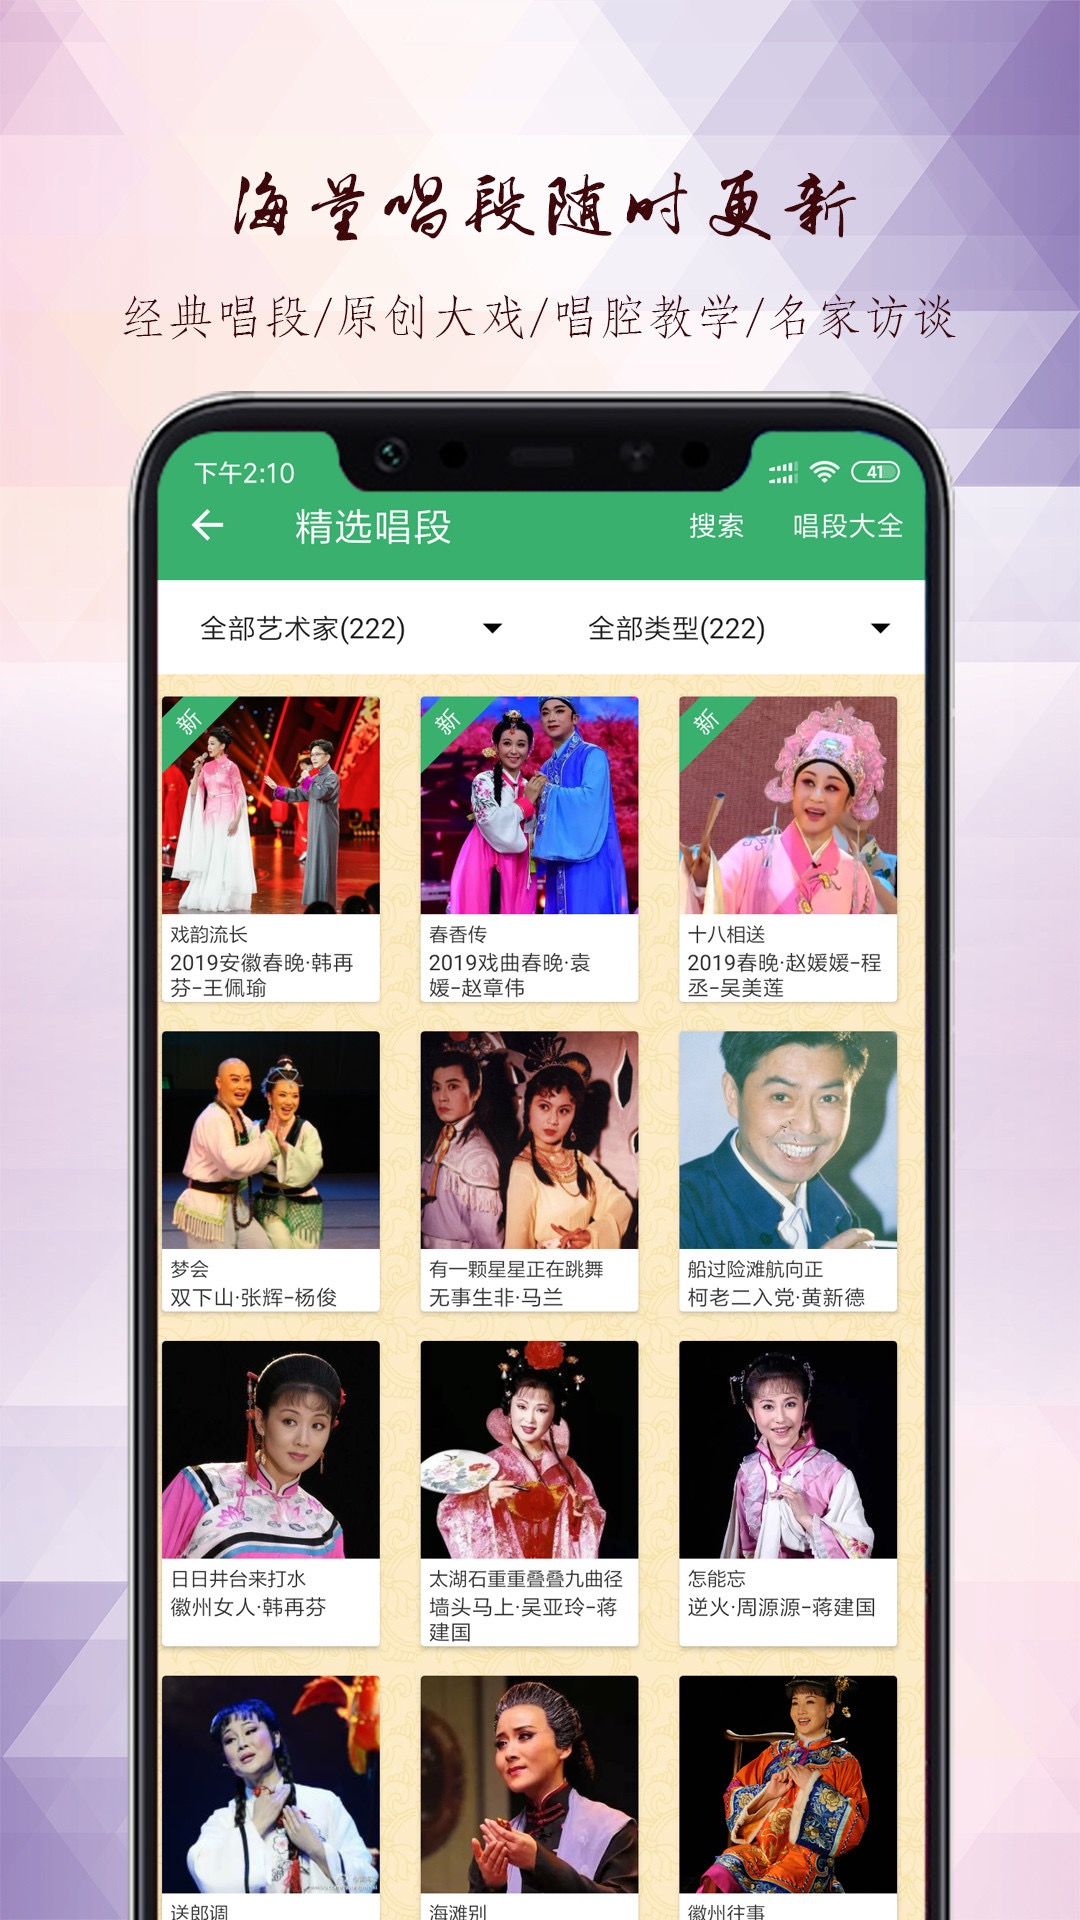 黄梅戏中华传统戏曲文化安徽安庆合肥湖北武汉